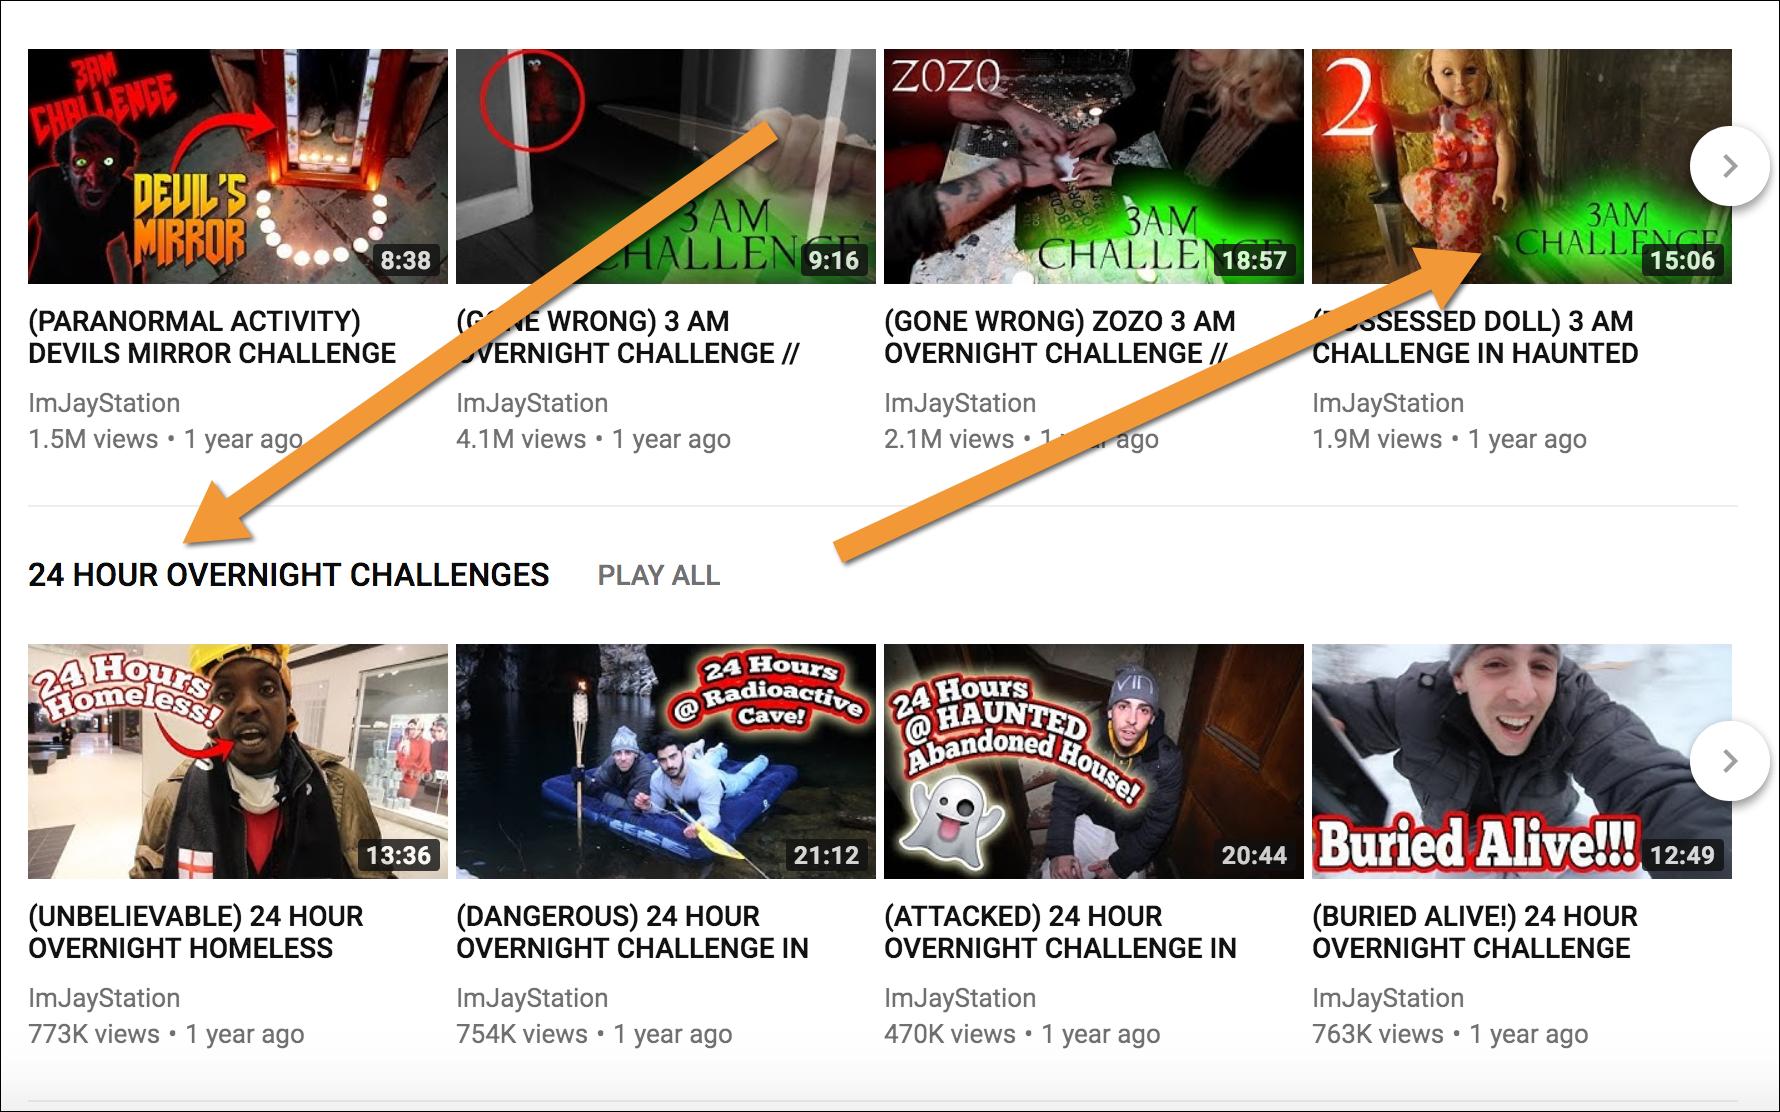 miniatura di YouTube accattivante